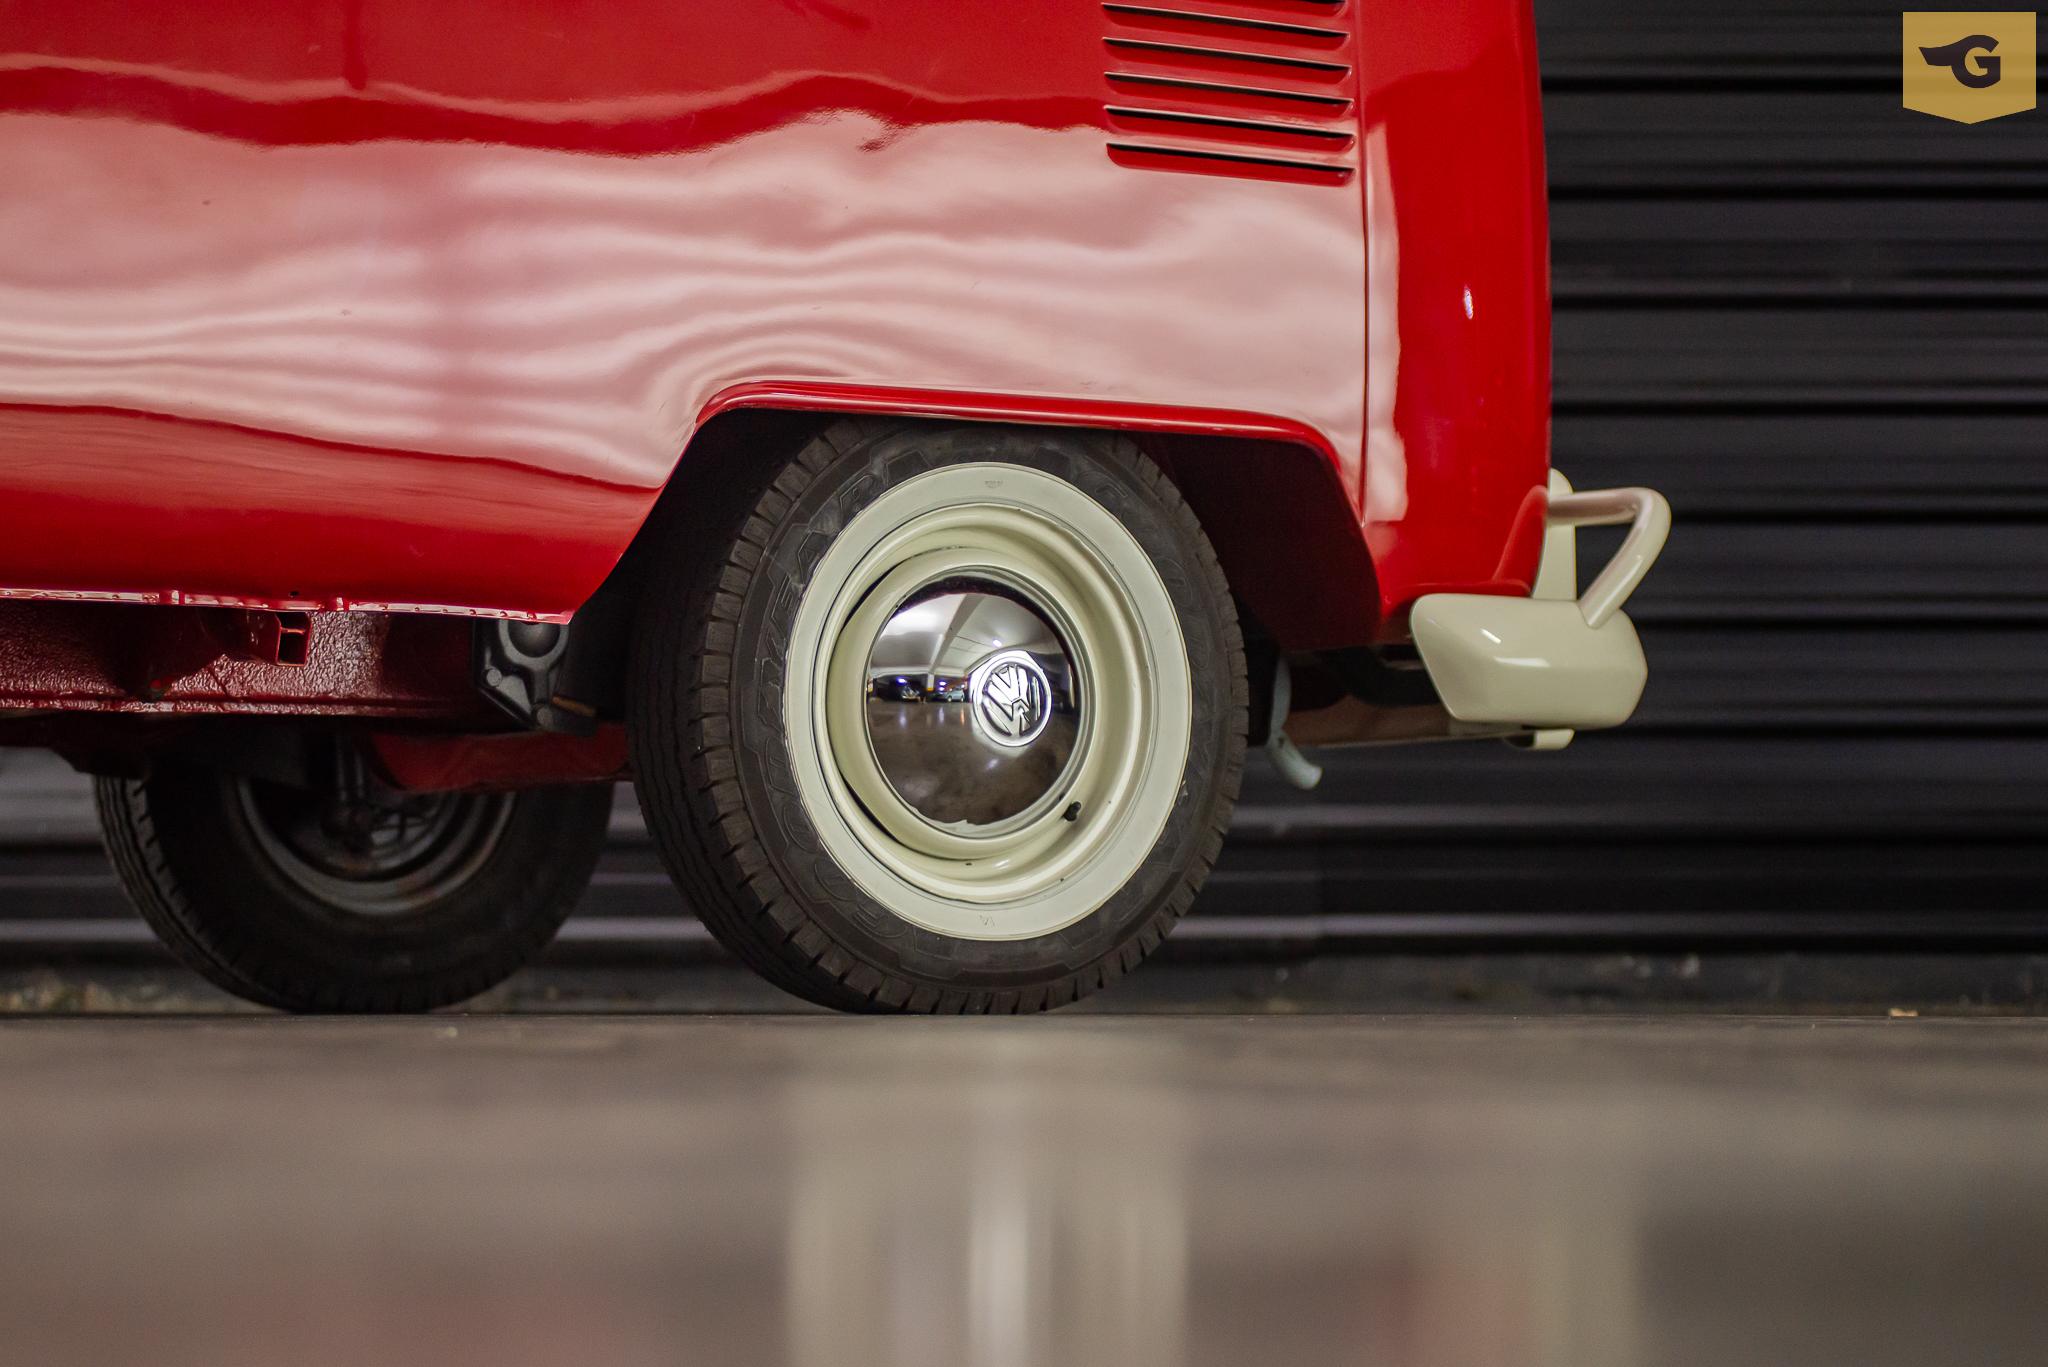 1974-kombi-a-venda-sao-paulo-sp-for-sale-the-garage-classicos-a-venda-loja-de-carros-antigos-2